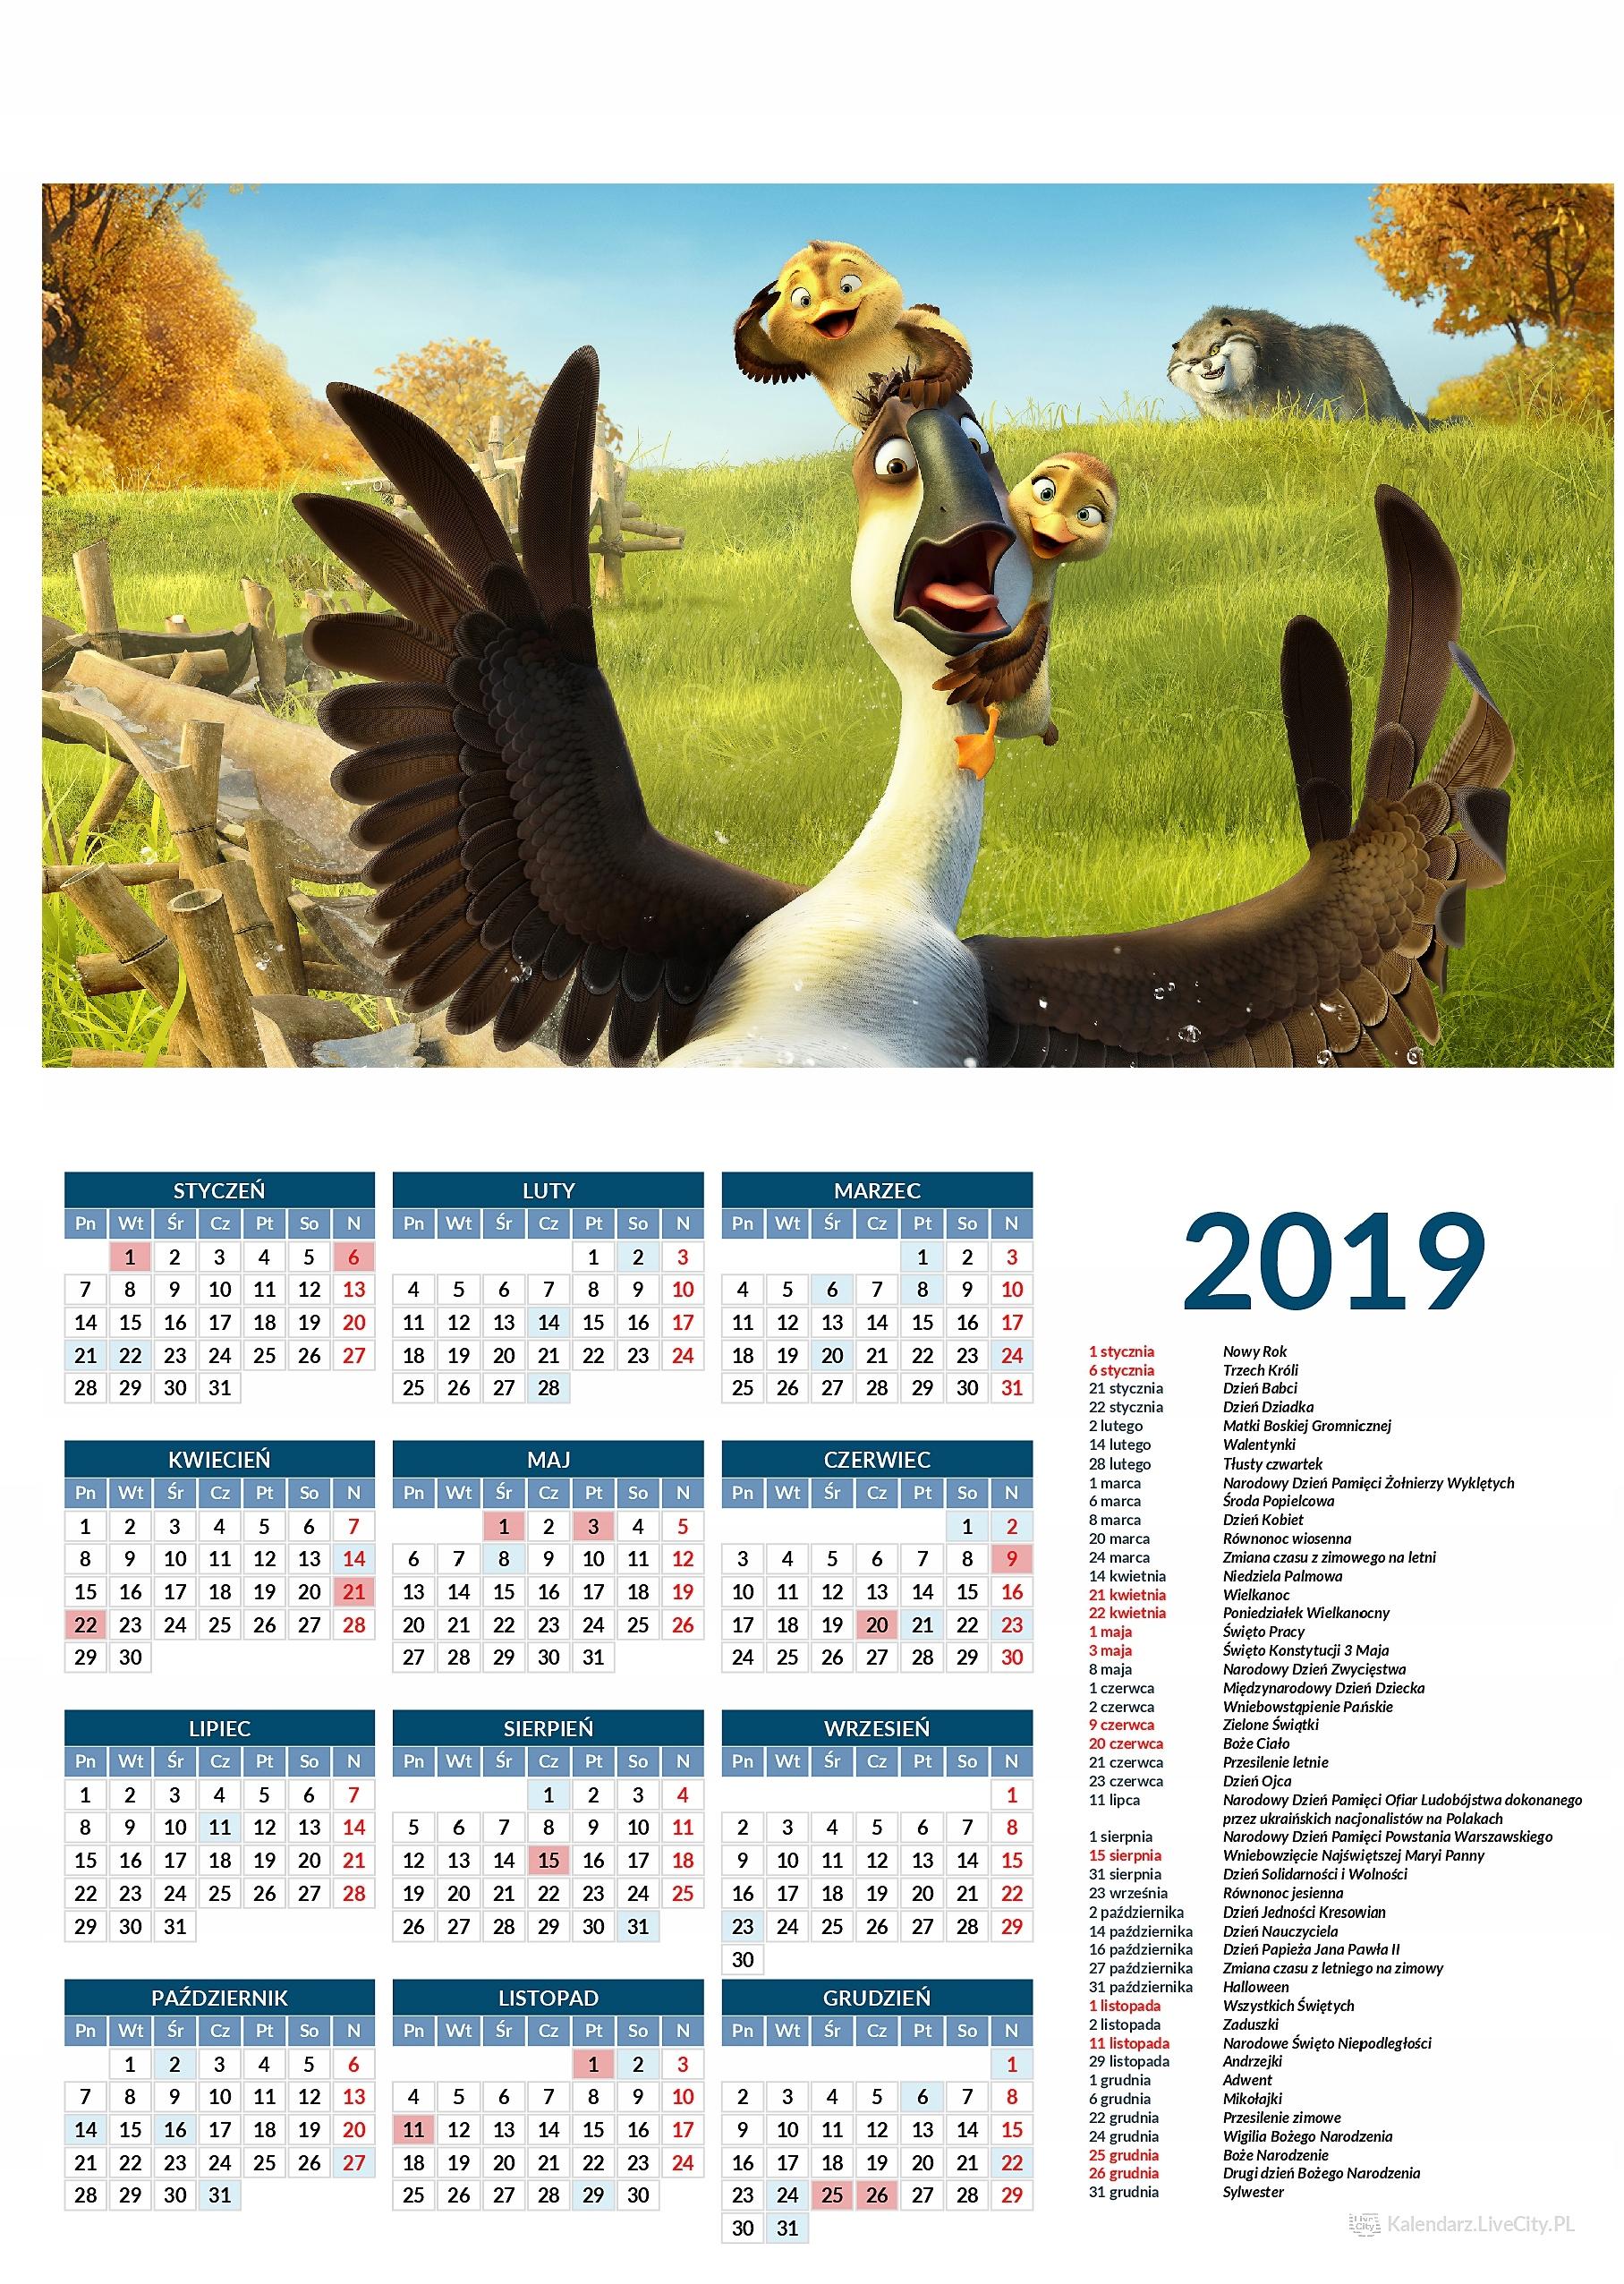 Kalendarz 2019 film kaczki z gęsiej paczki